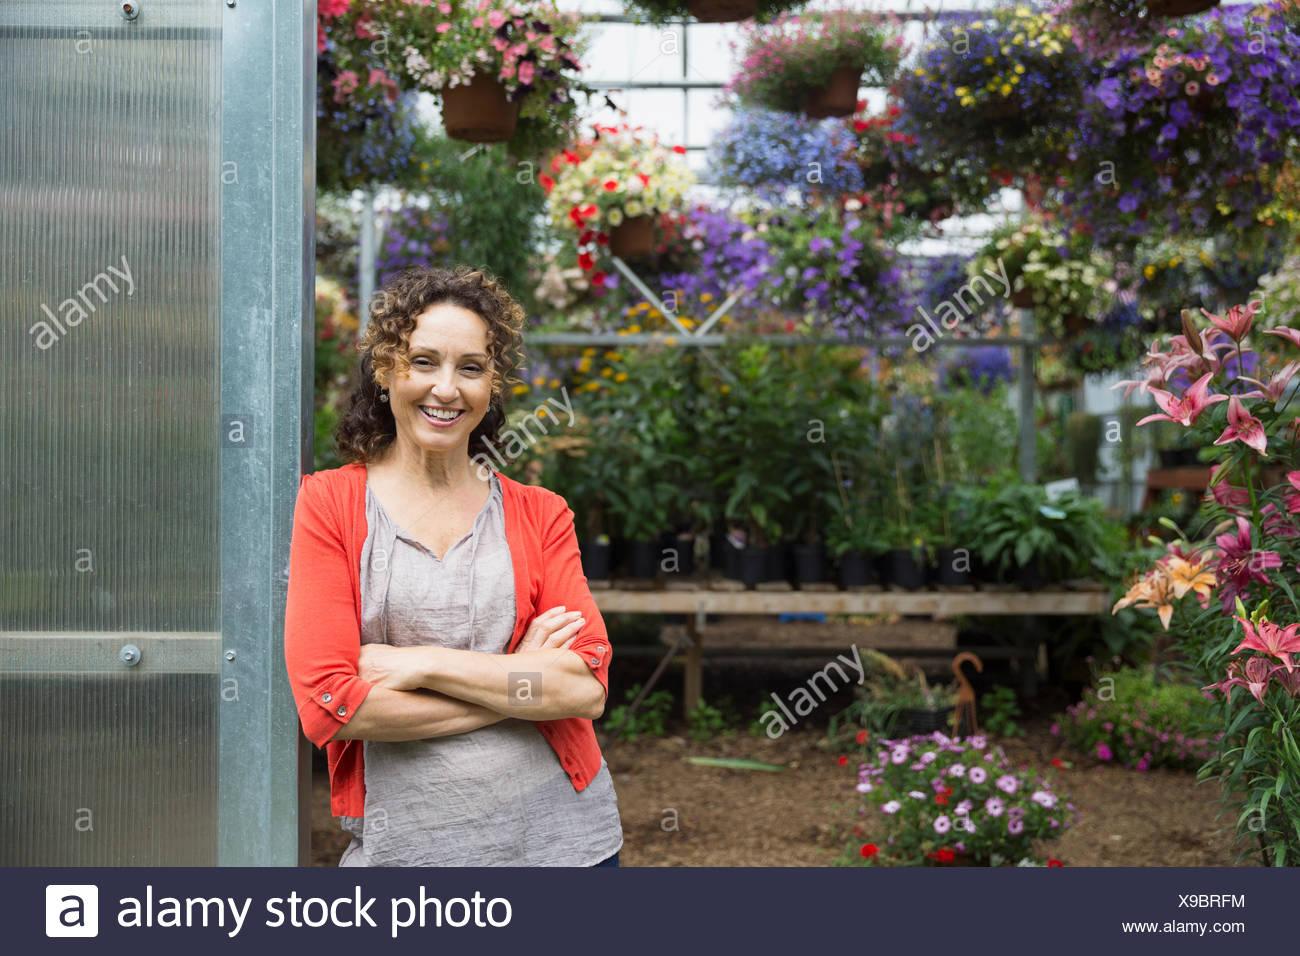 Seguros de mujer en la puerta del invernadero vivero Imagen De Stock